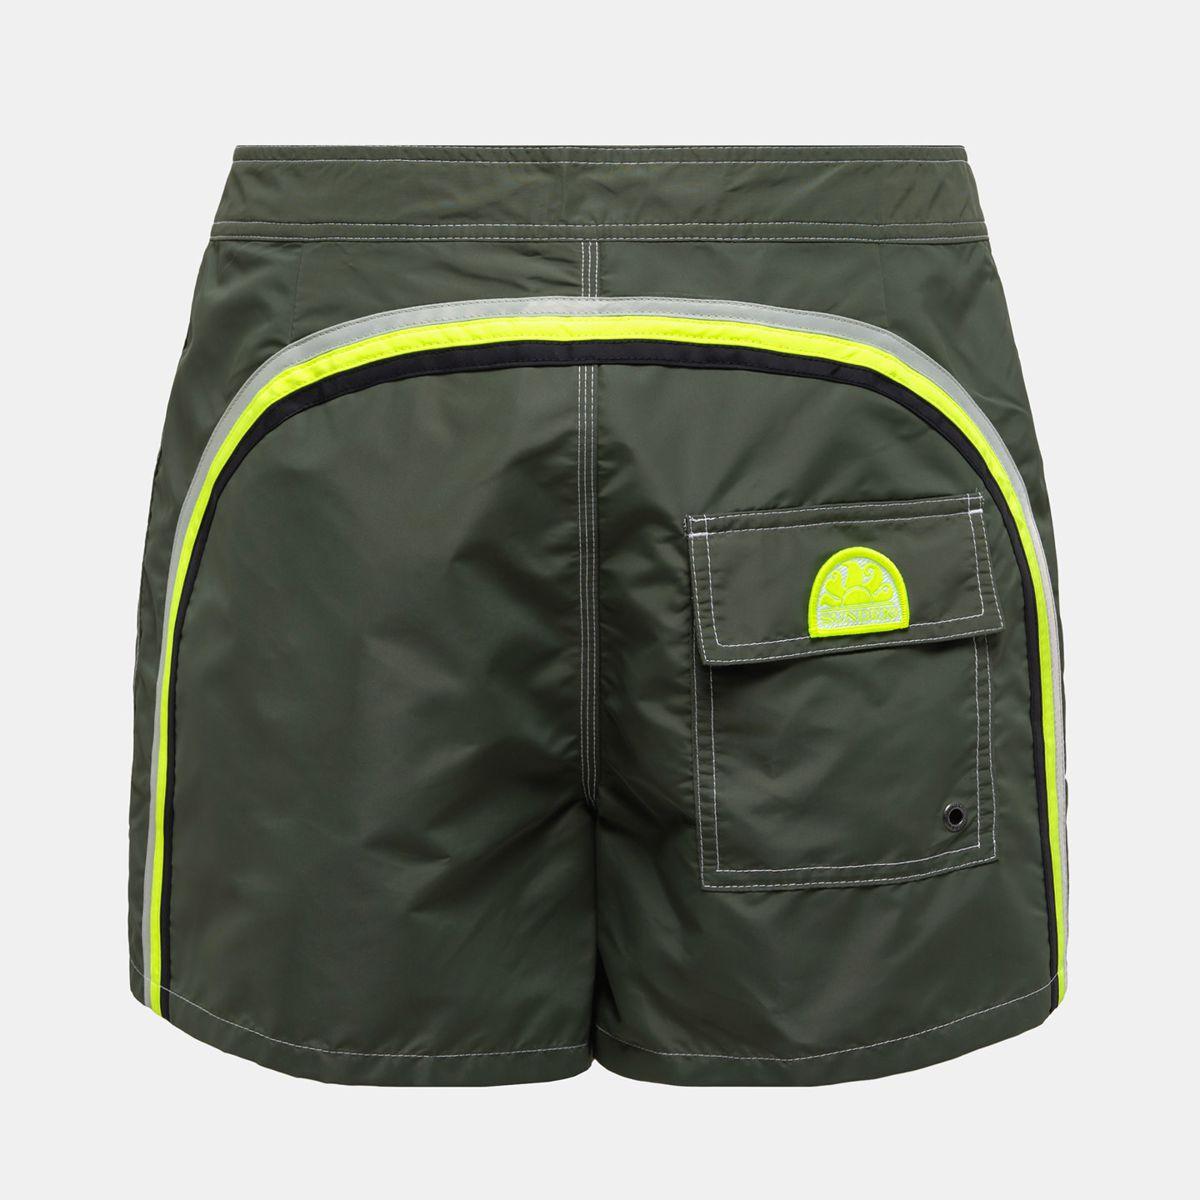 Boardshort low rise Dark green 8 Sundek